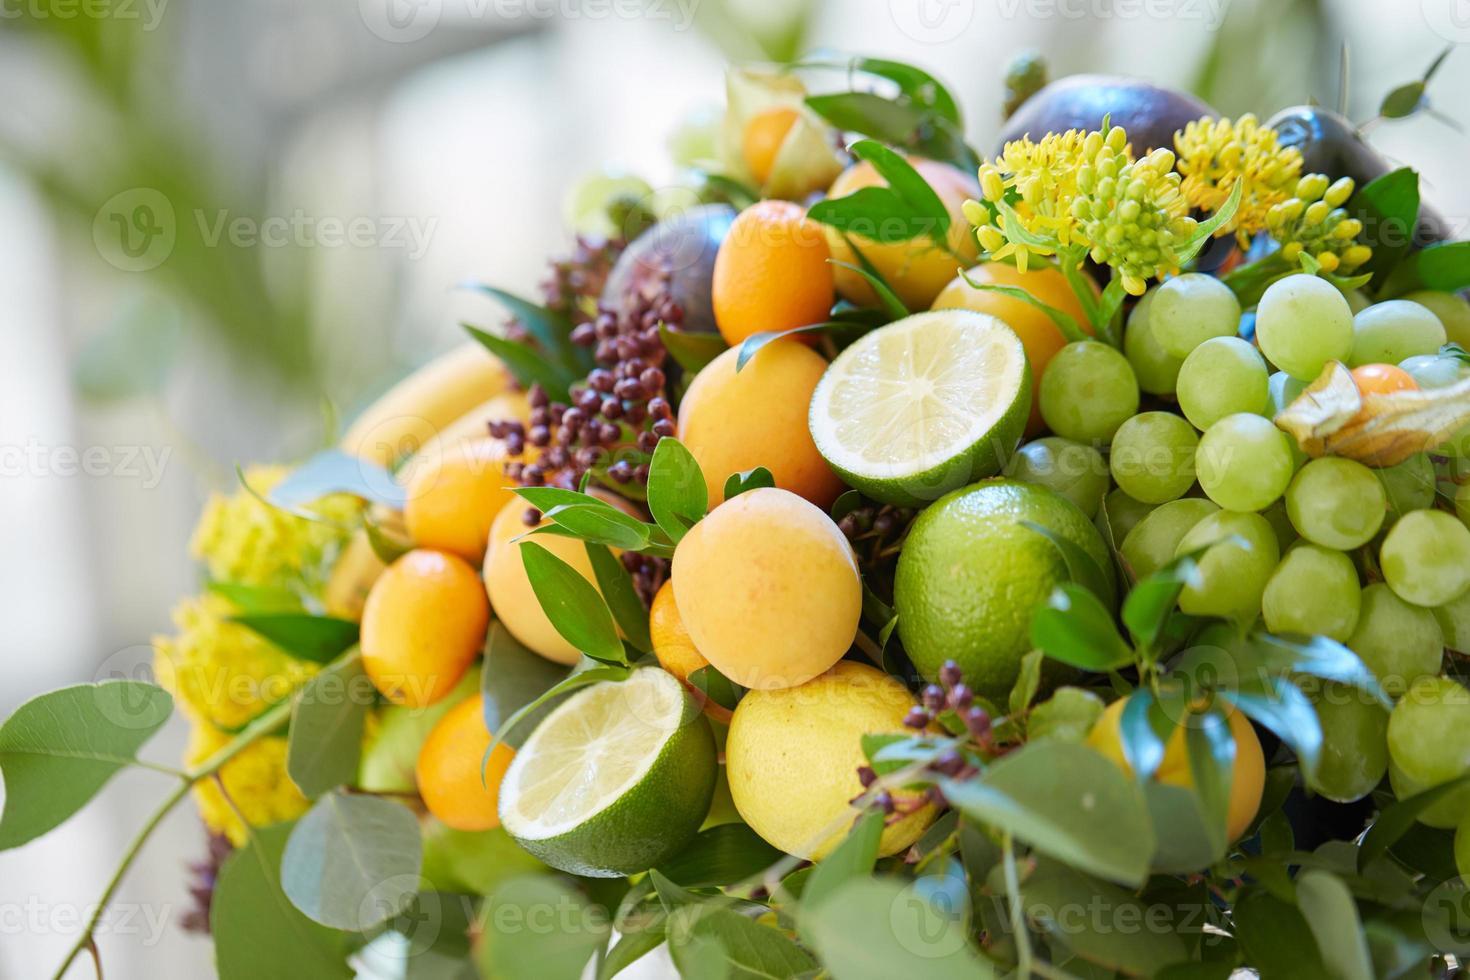 veel verschillende soorten fruit bij elkaar foto